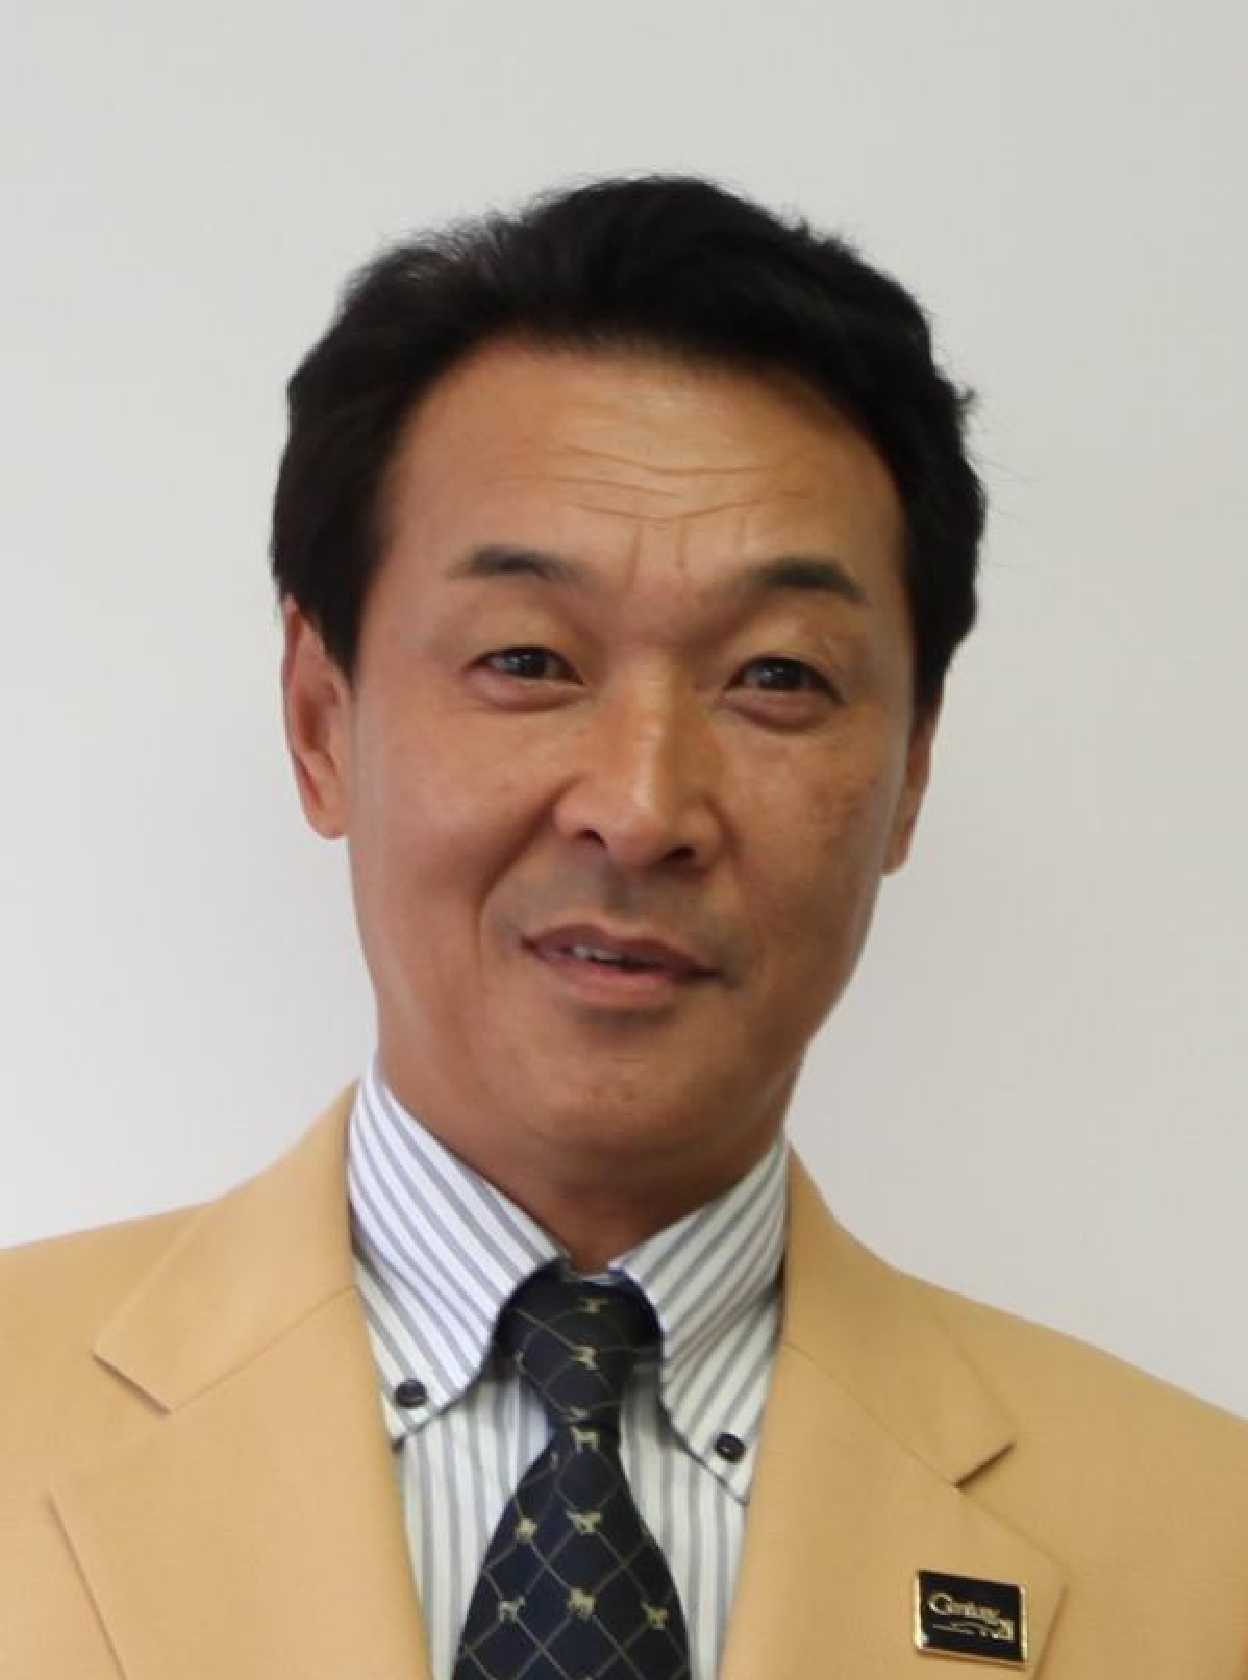 センチュリー21関西不動産情報センター河野 昌高の写真